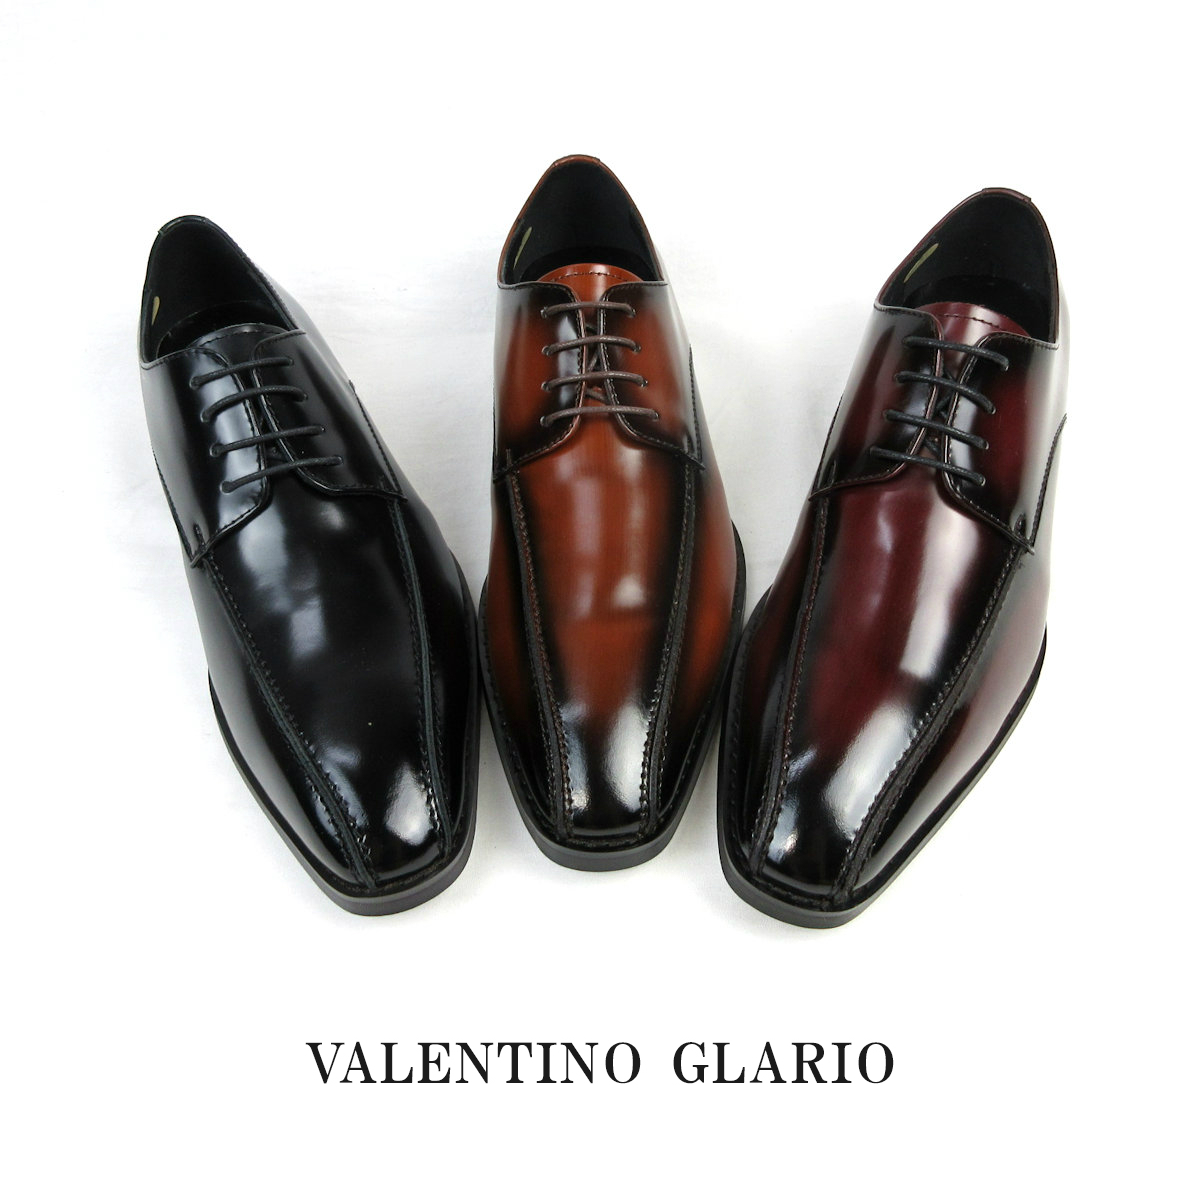 日本製 本革 Valentino Glario バレンチノグラリオ 4880 メンズ ドレス&ビジネスシューズ スワールトゥ 外羽根 3E 撥水 メンズスタイリッシュ 24.0~28.0cm sale セール